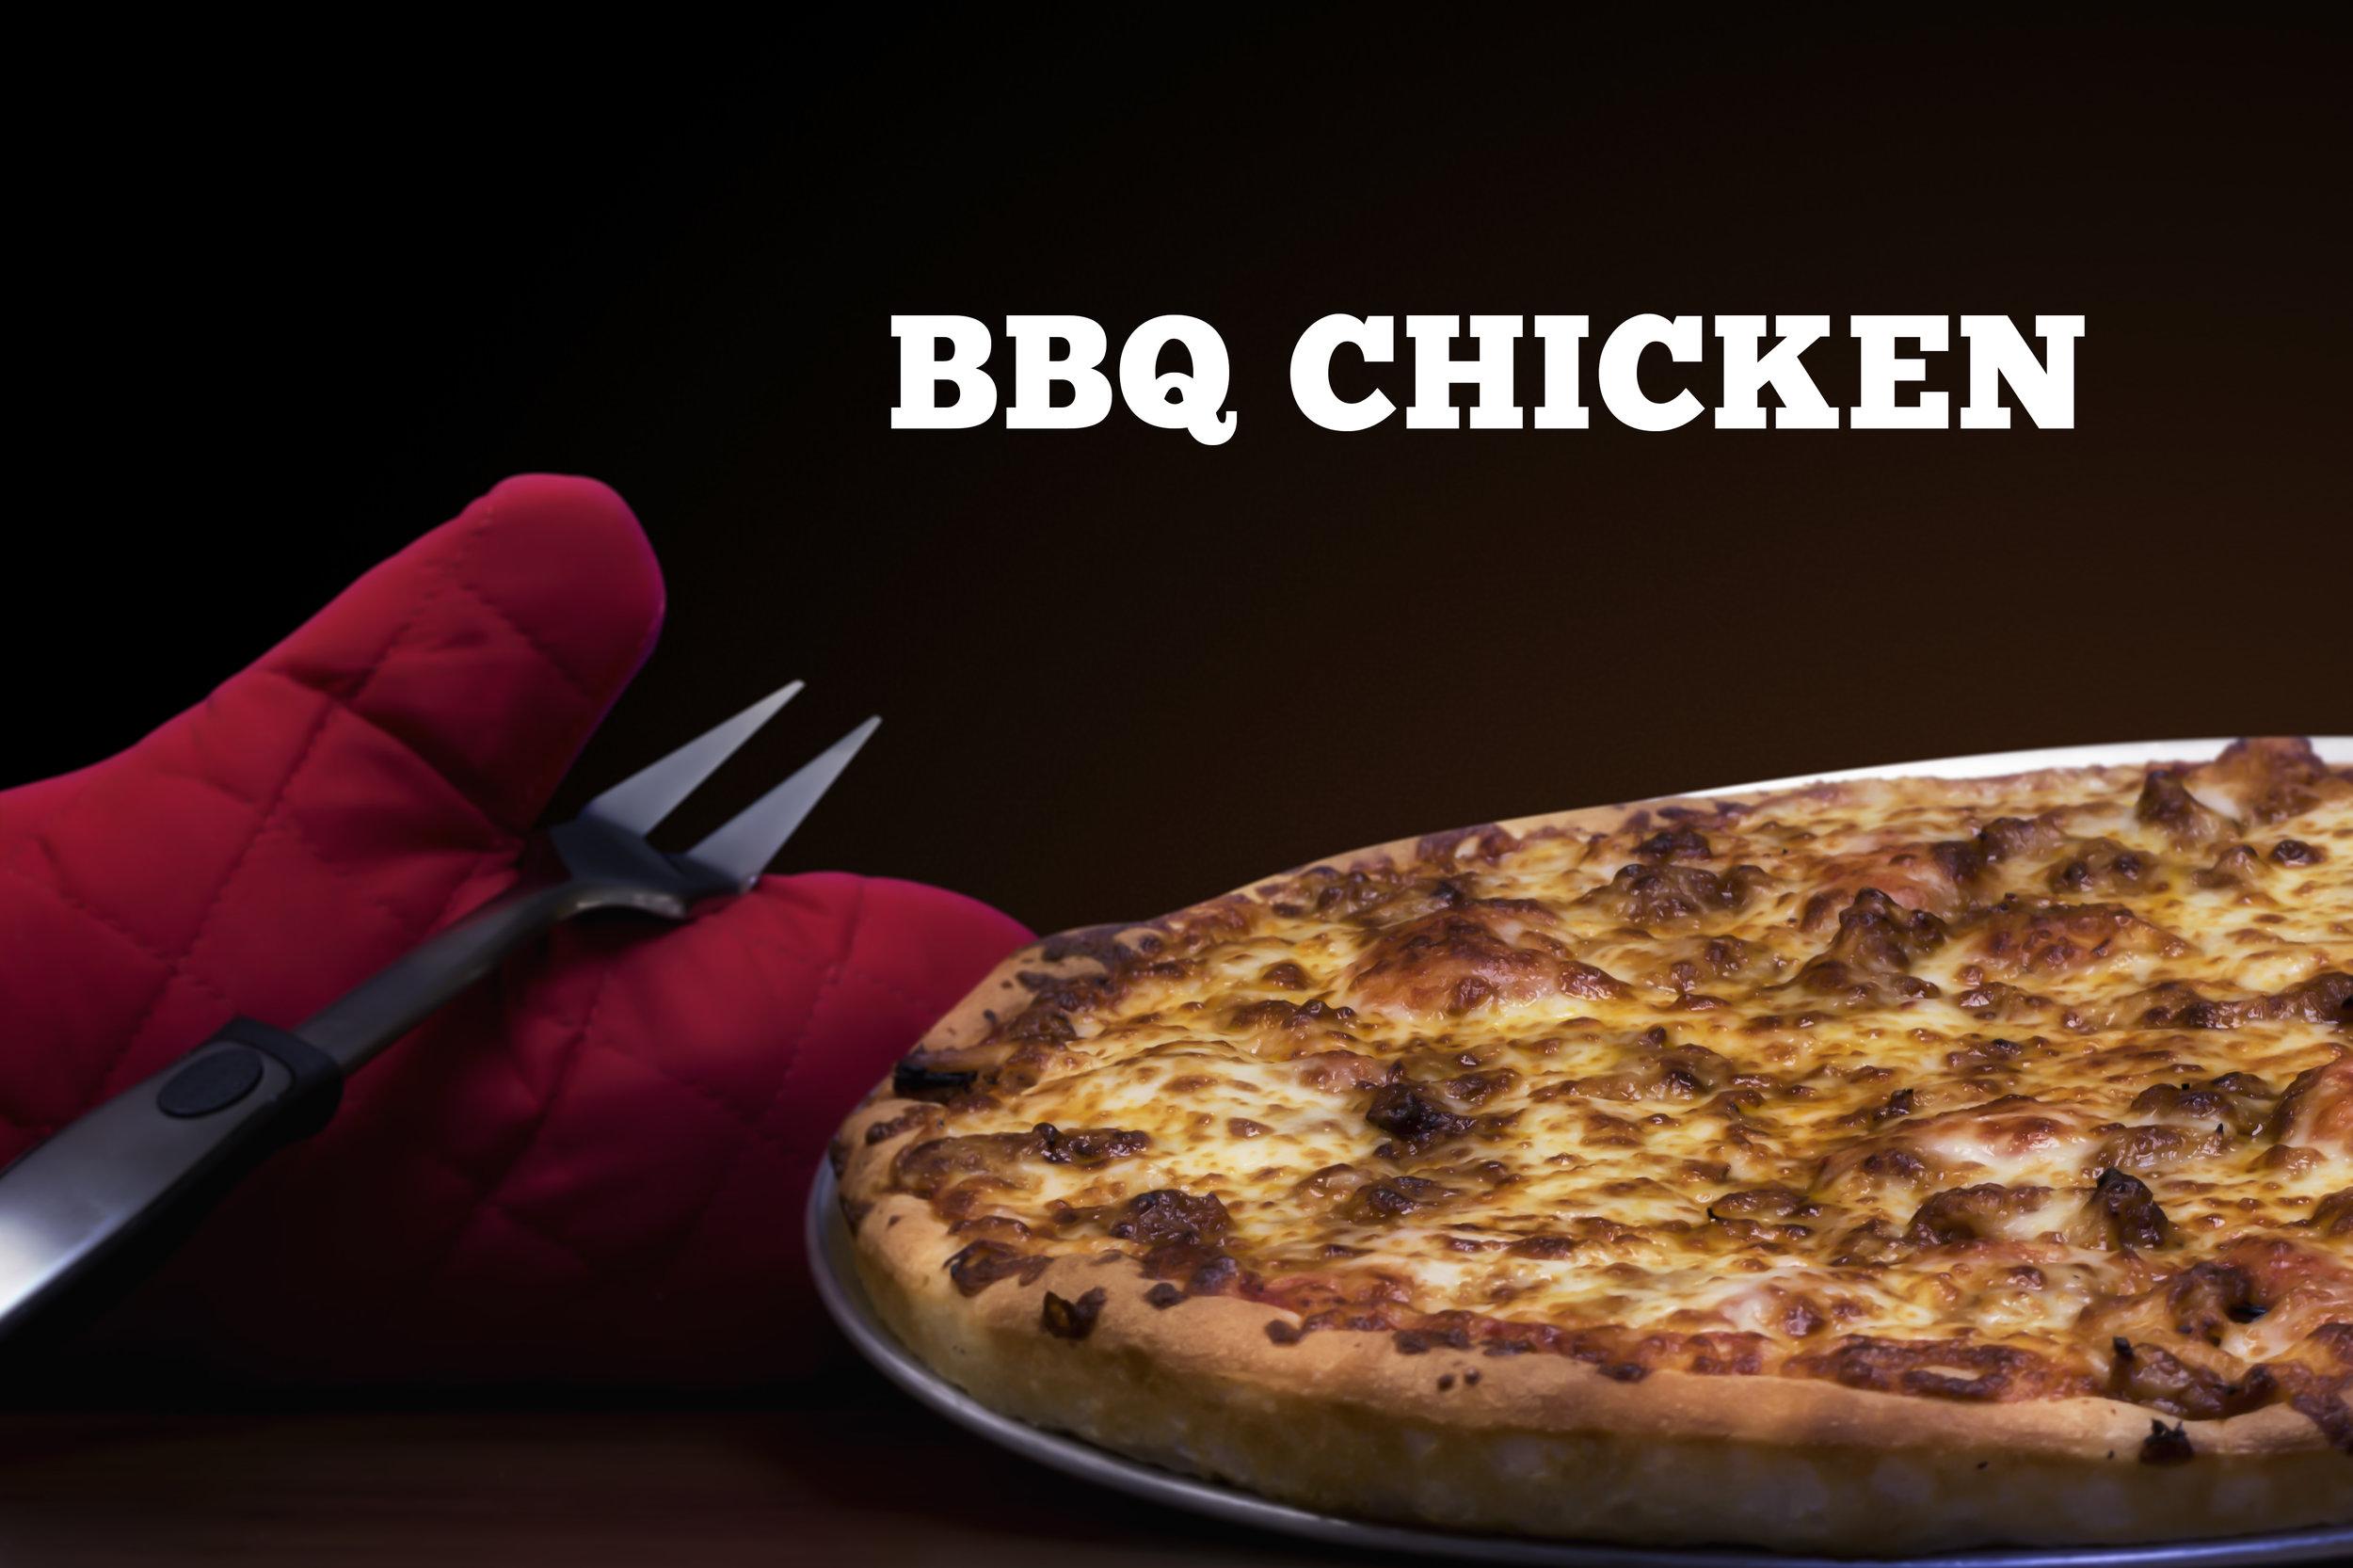 BBQ CHICKEN 3x2 - TEXT.jpg